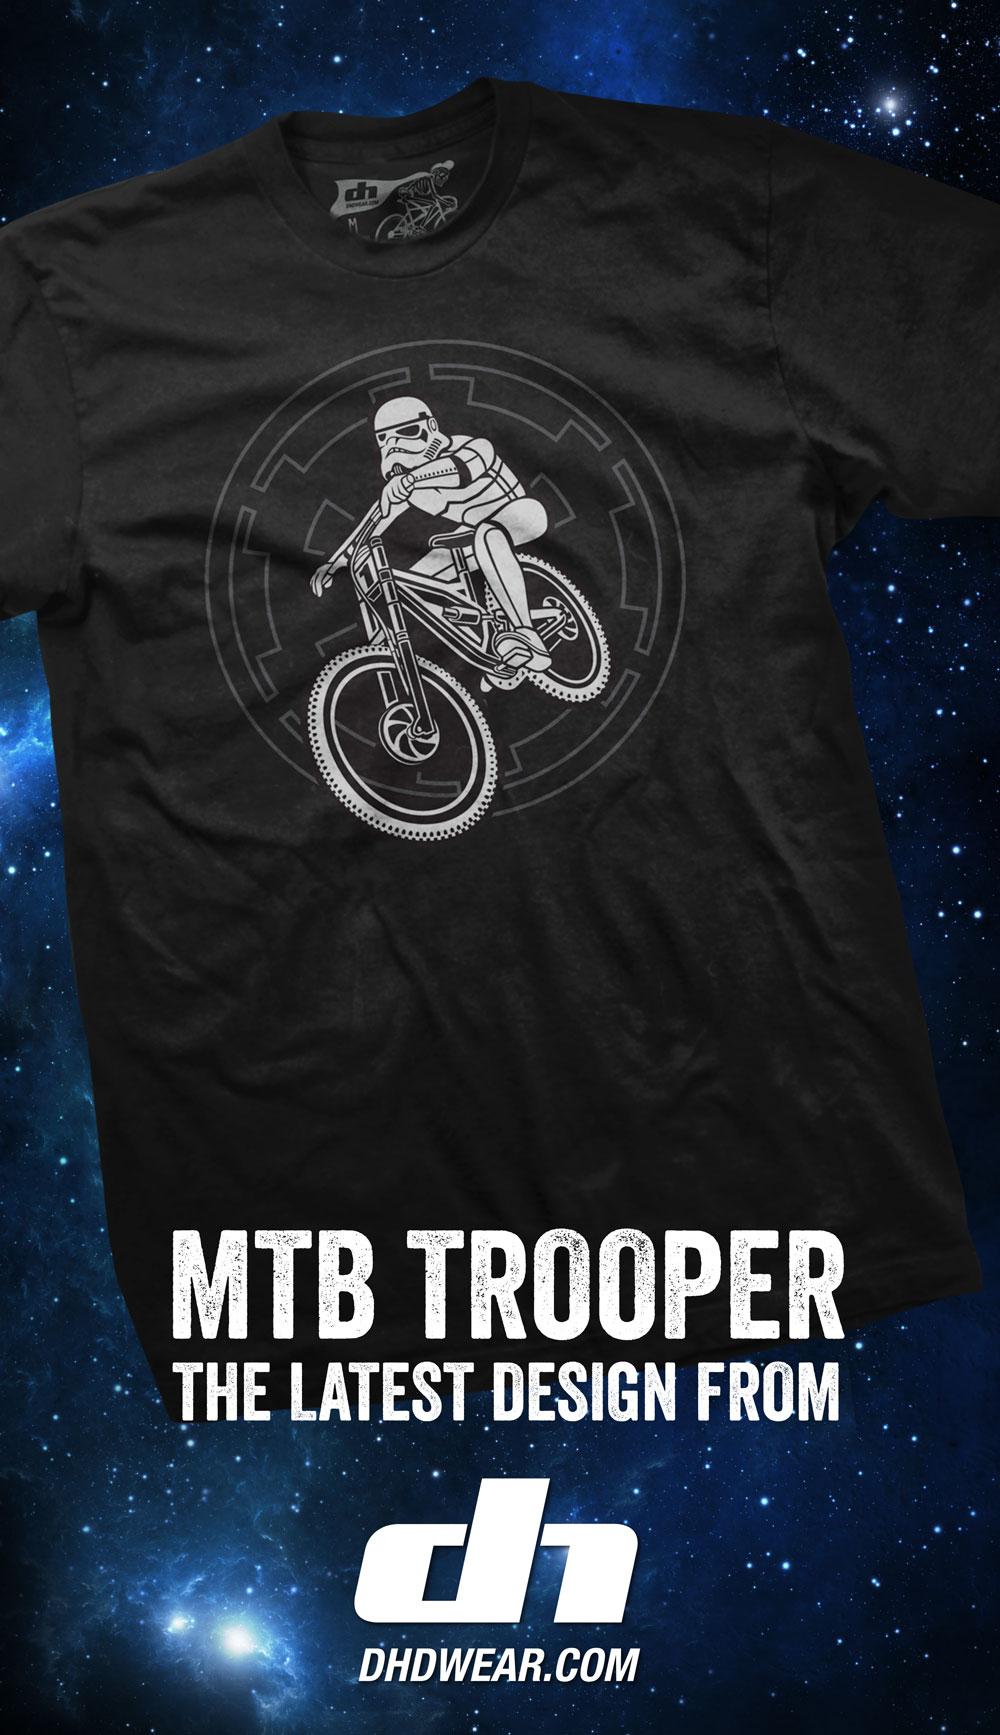 DHDWEAR-MTB-TROOPER